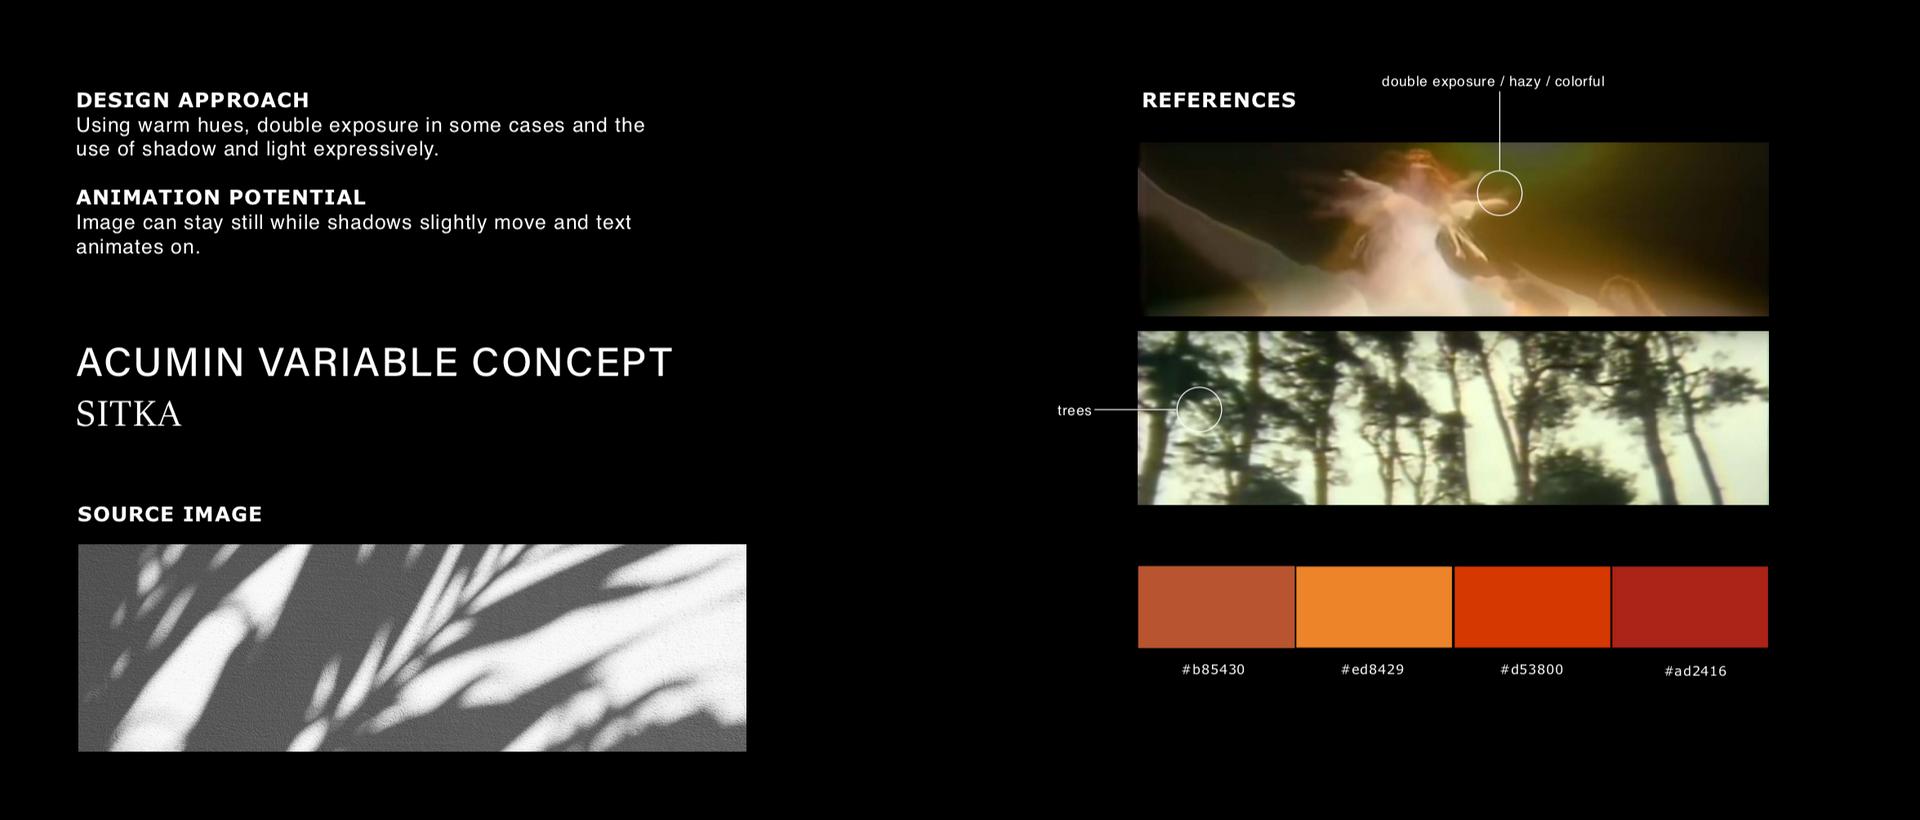 Screen Shot 2020-11-25 at 9.11.13 AM.png